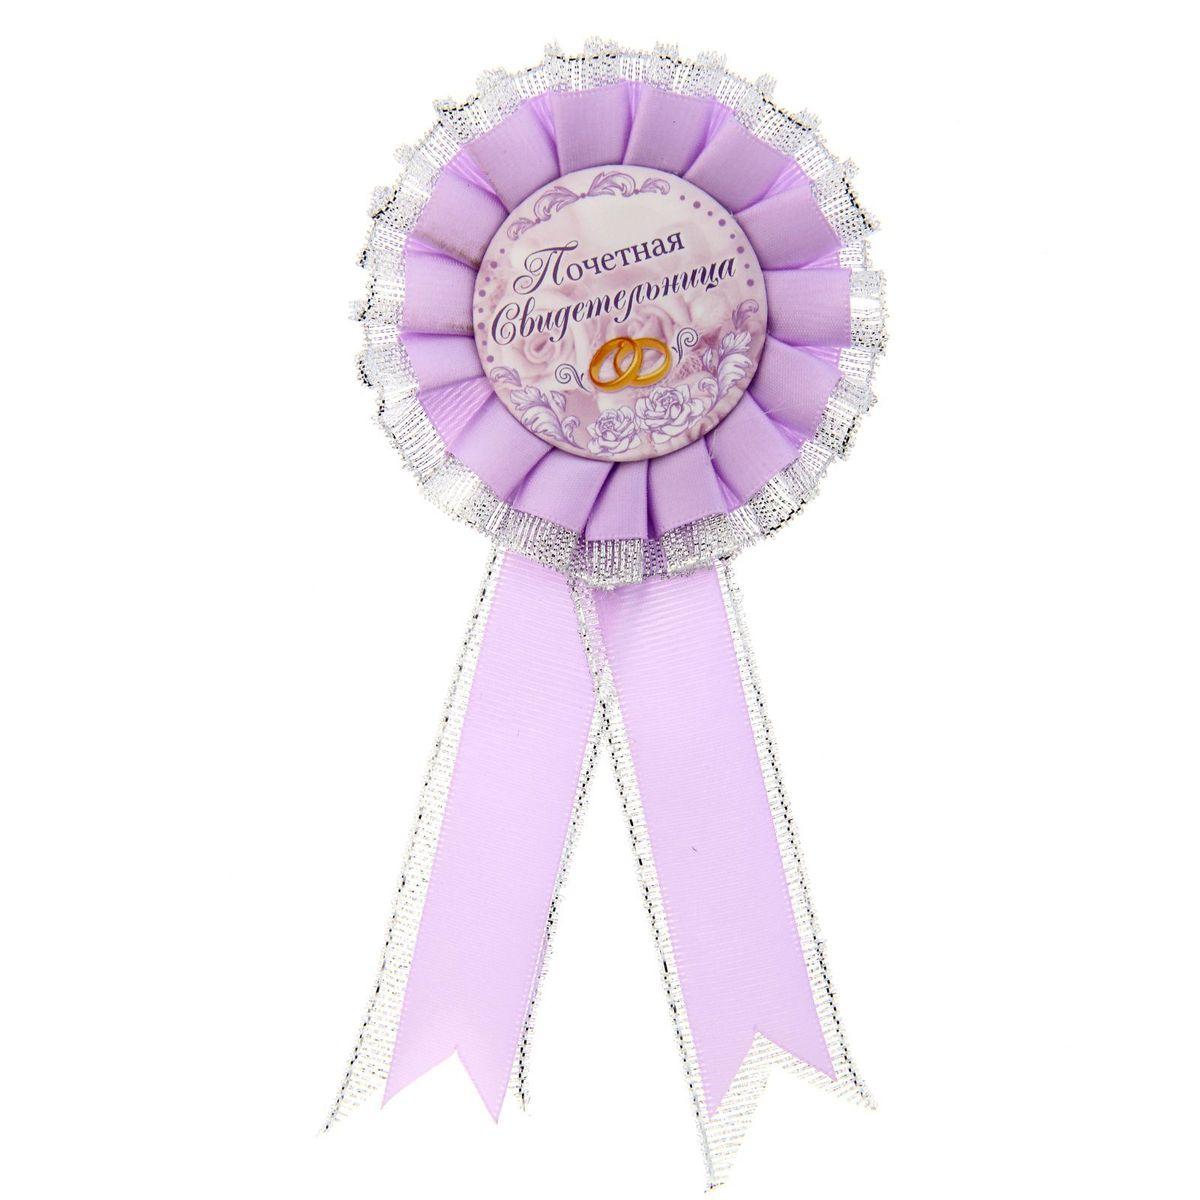 Значок-розетка Sima-land Почетная свидетельница, цвет: розовый, 17,5 x 8 x 2 см1235423Когда на носу торжественное событие, так хочется окружить себя яркими красками и счастливыми улыбками! Порадуйте родных и близких эффектной и позитивной наградой, которую уж точно будет видно издалека! Свадебный значок Почетная свидетельница изготовлен из лёгкого пластика и декорирован сиреневыми лентами. Аксессуар поможет создать праздничное настроение на свадьбе и подчеркнёт важность роли гостя. Изделие дополнено булавкой, чтобы его сразу можно было надеть. Значок обязательно придётся по вкусу тому, кто любит быть в центре внимания. Станьте свидетелями счастья!